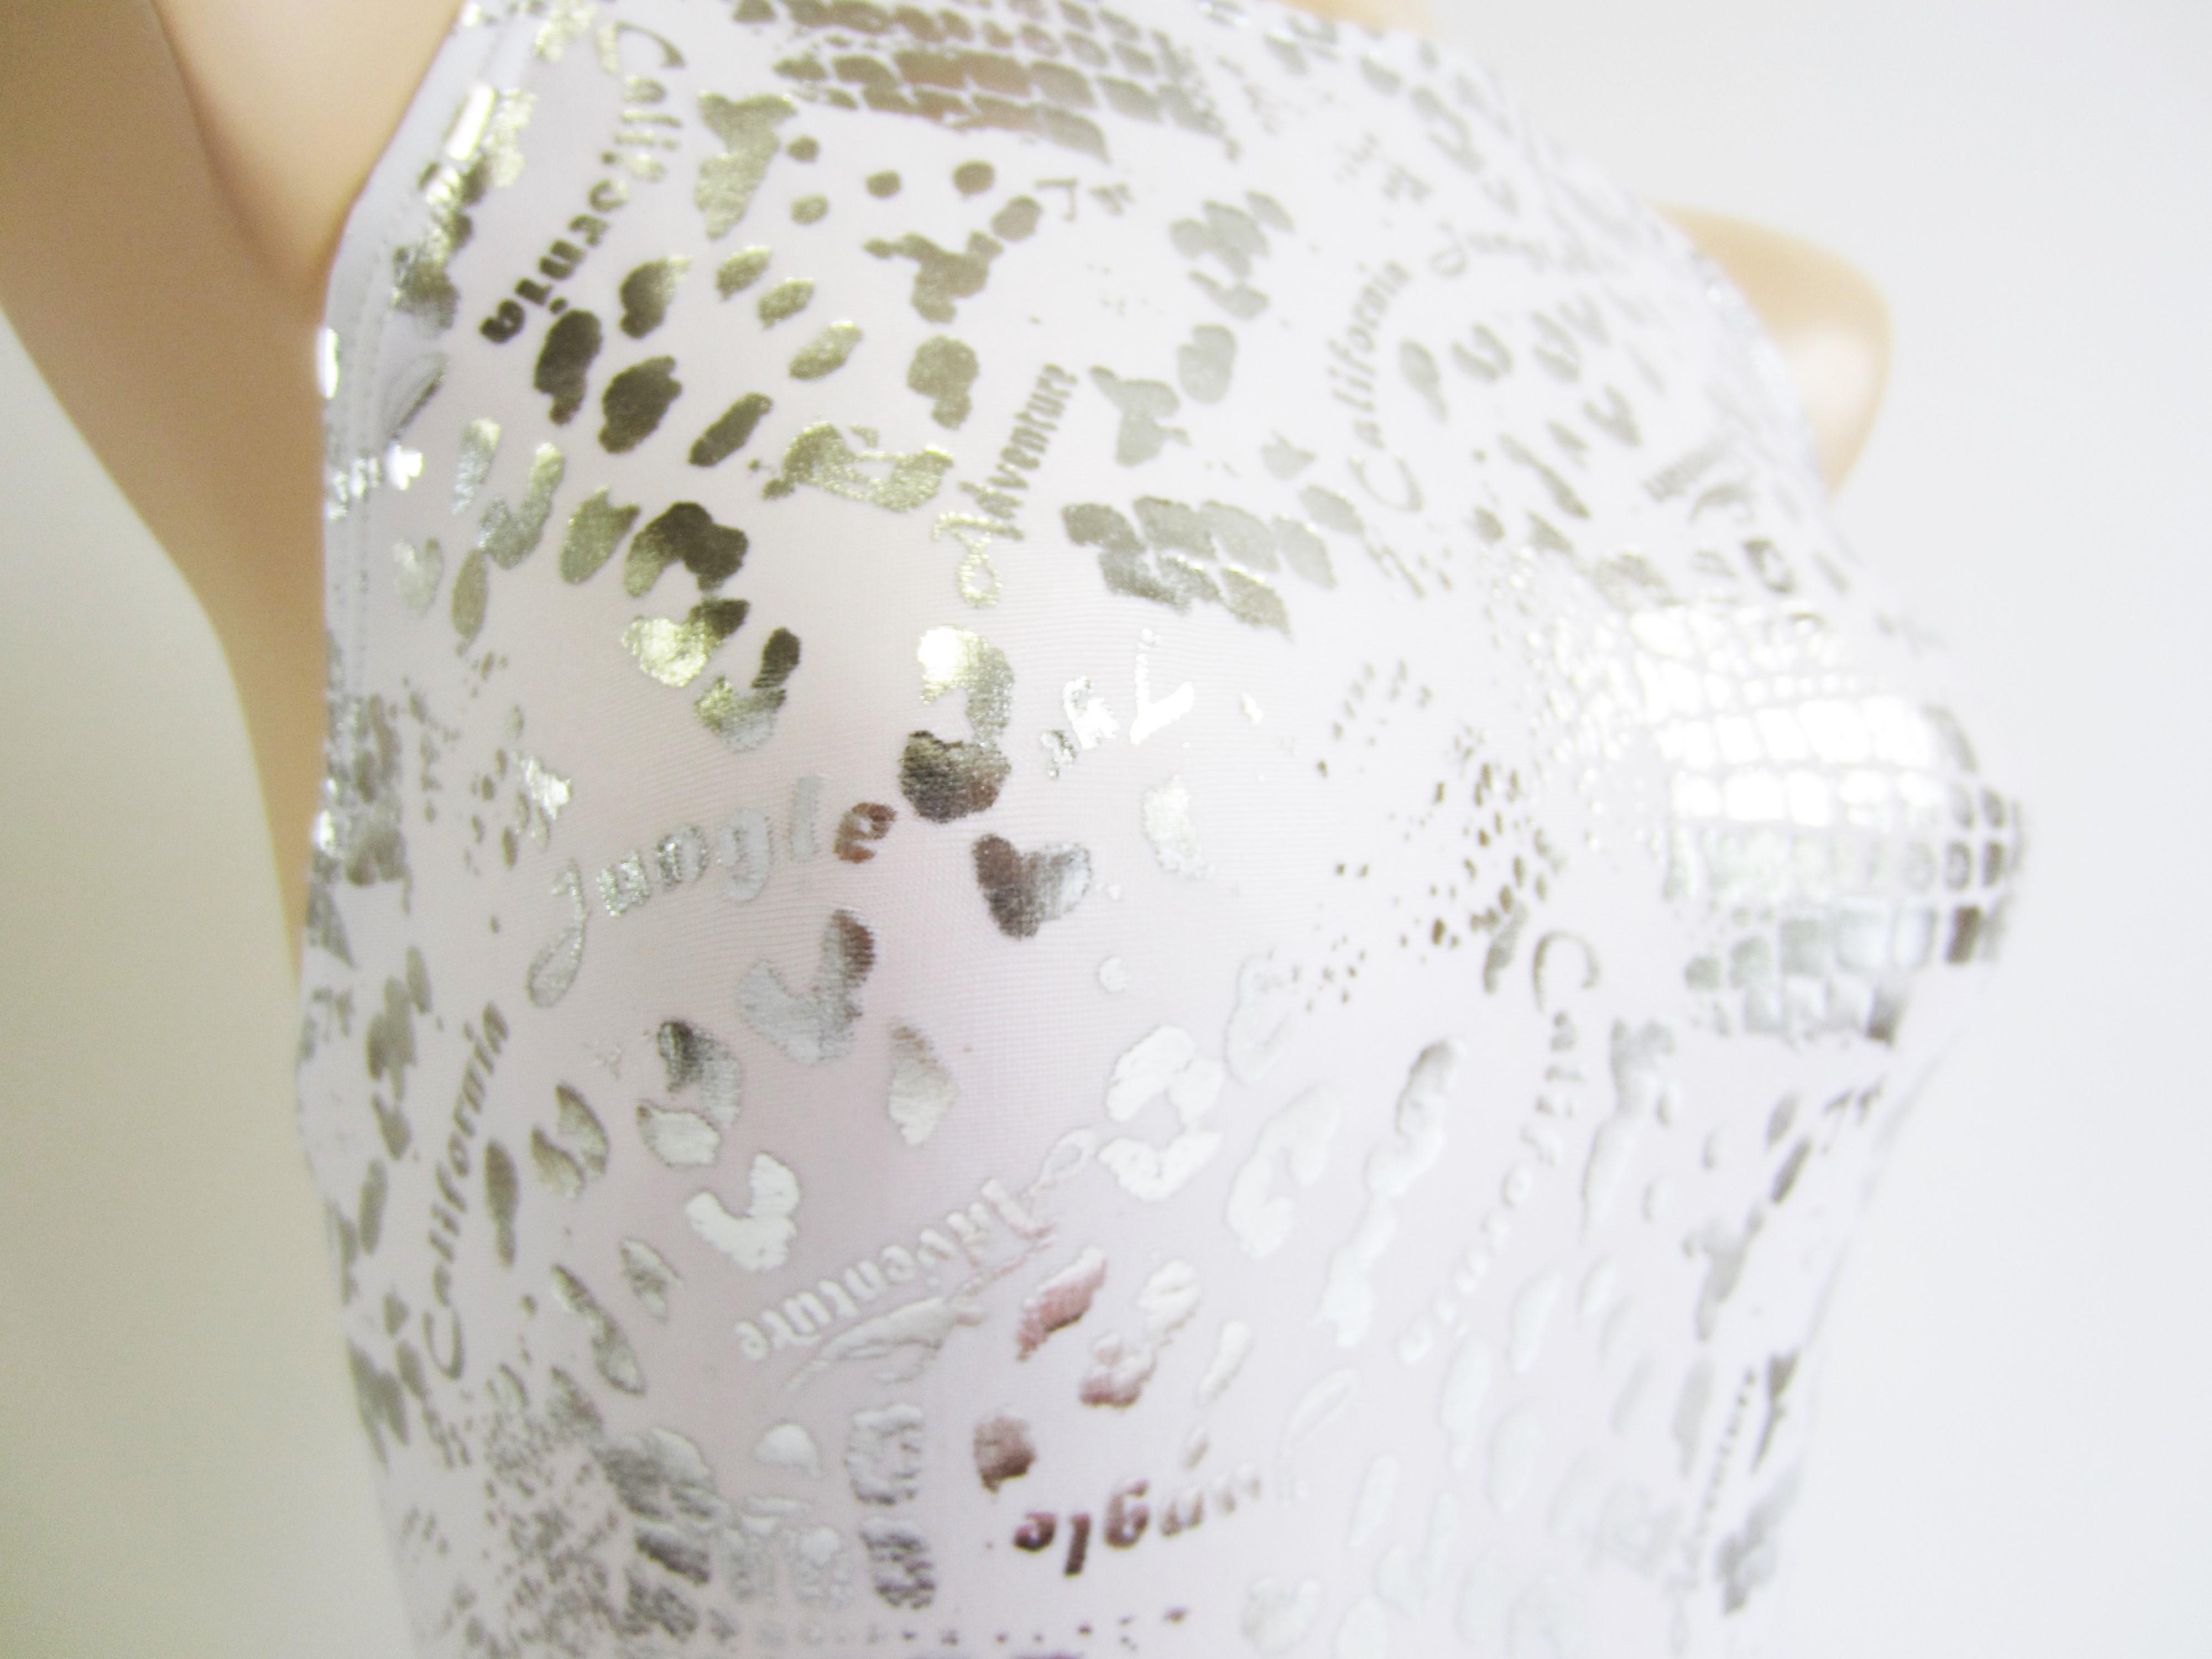 別注 TYR(ティア) ホワイト × シルバー クロコダイル柄 競泳水着 「スイムショプイノウエ限定 モデル」